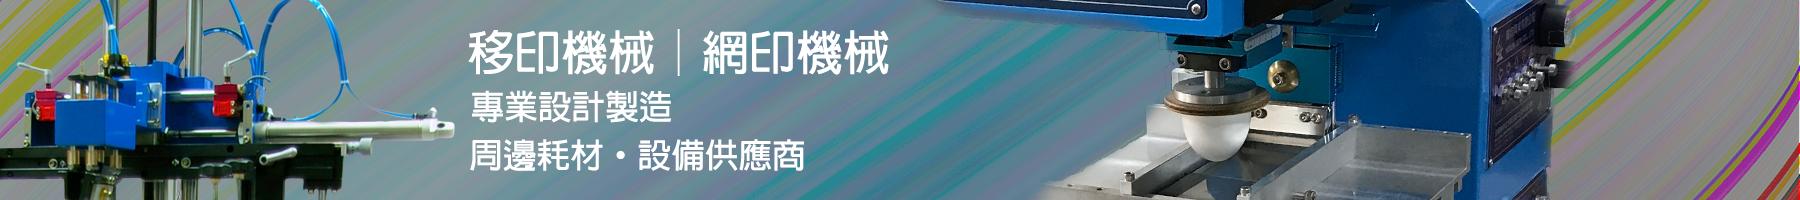 鴻均興業有限公司 (Houn Jien Co., Ltd.)